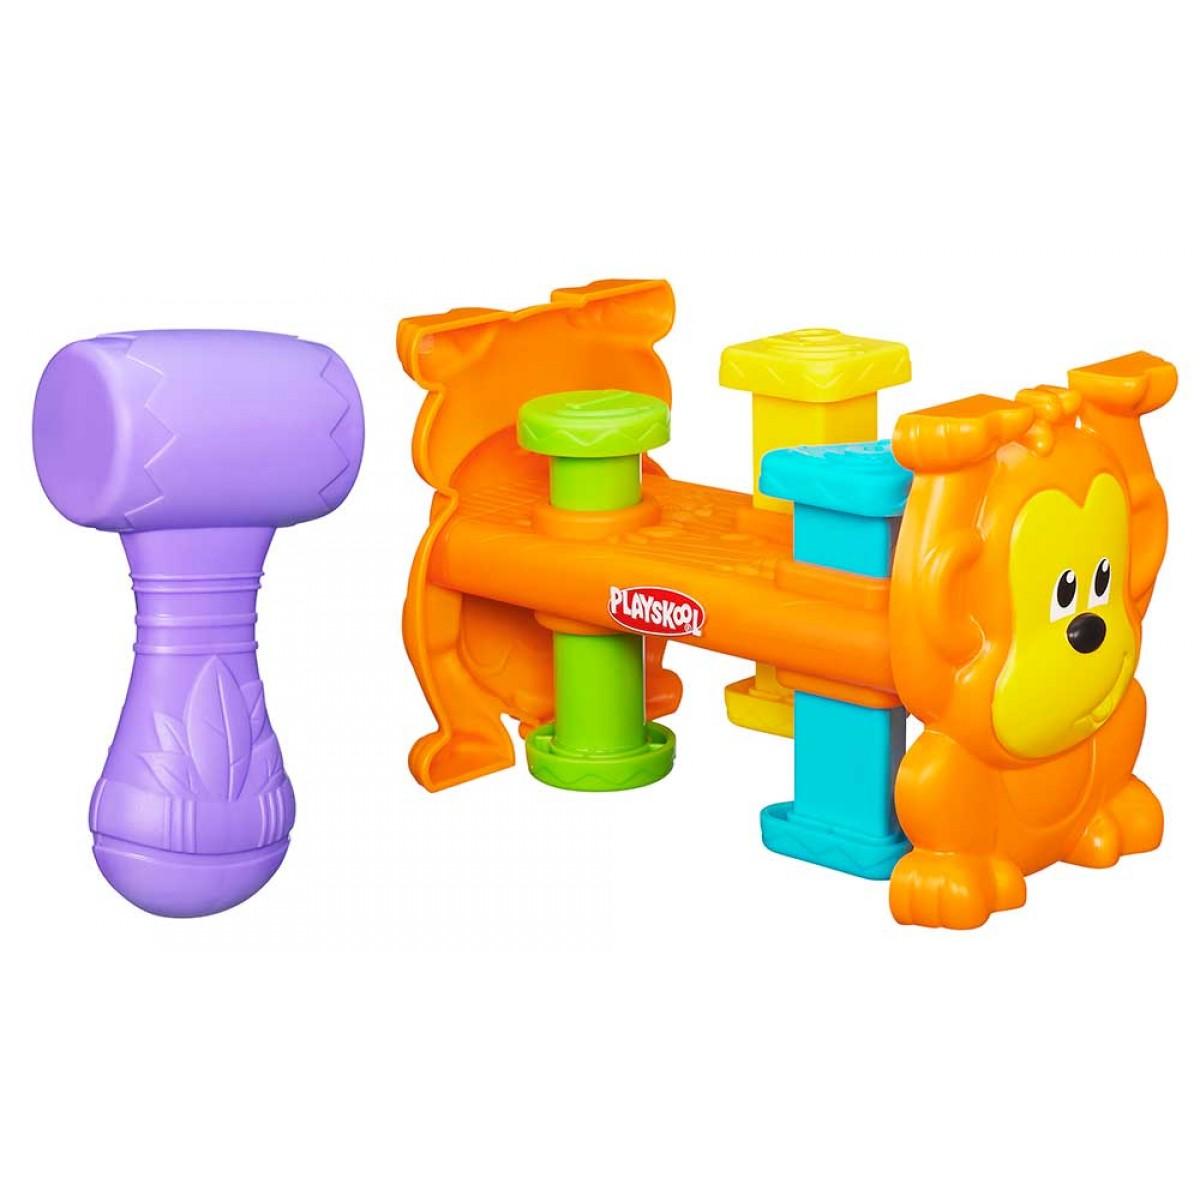 ����������� ������� Playskool ������� �������